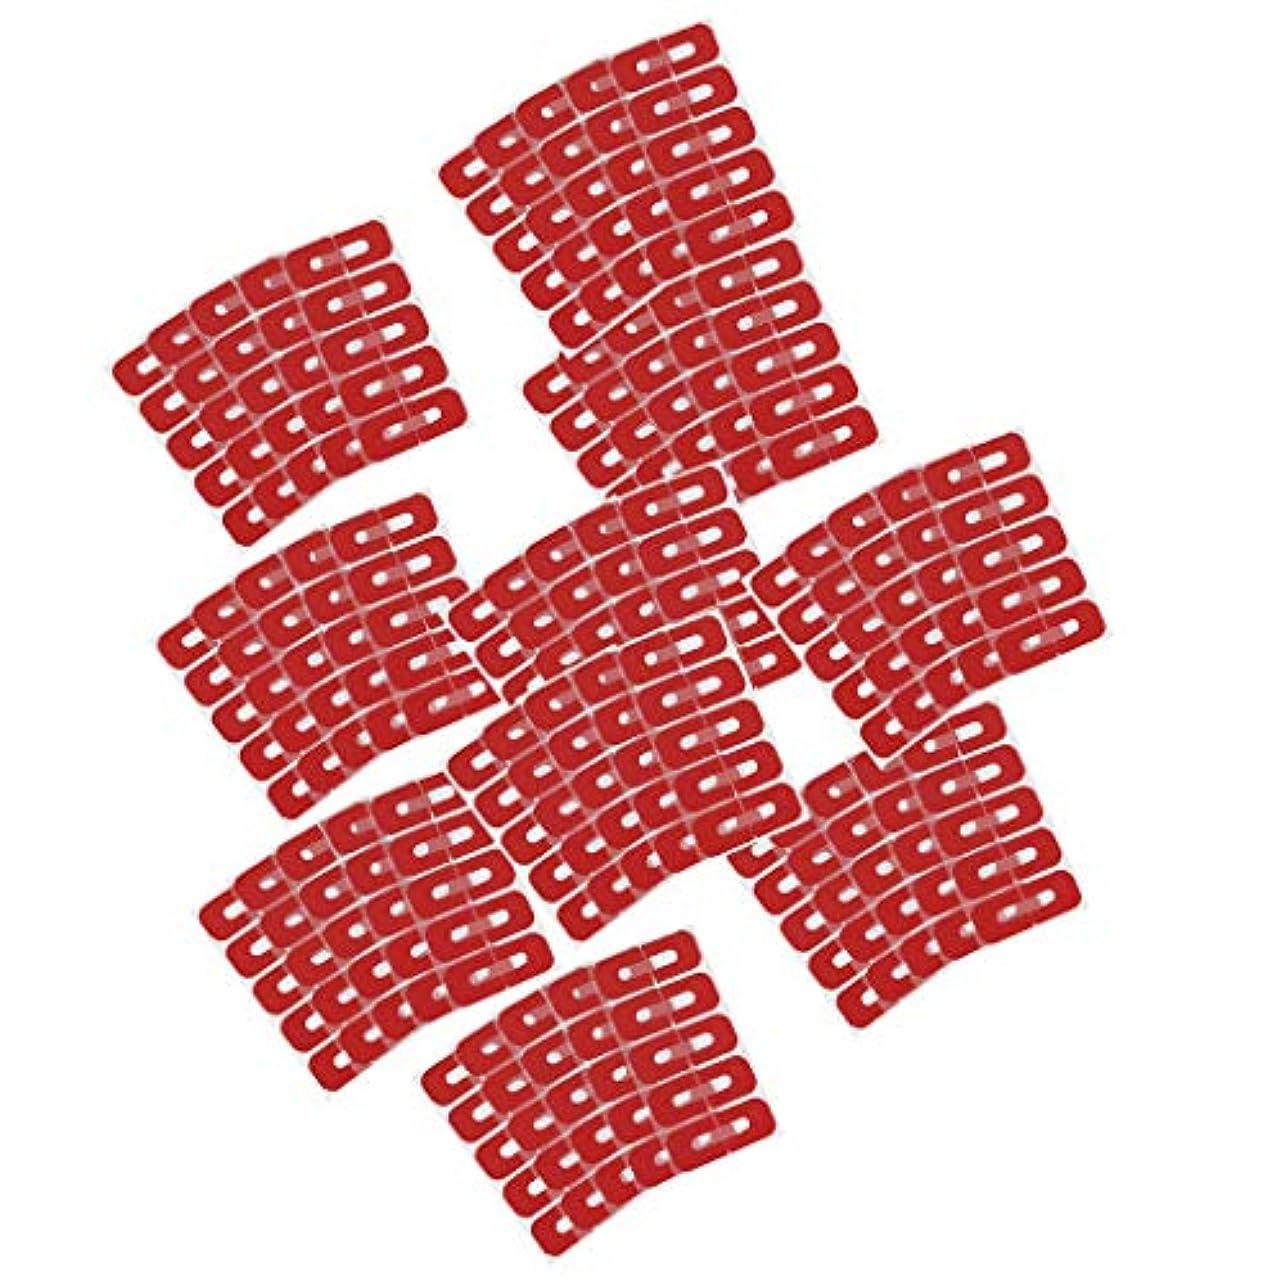 謎可能性キャベツ50ピースレッド使い捨てピールオフテープネイルアート流出防止スキンバリアポリッシュプロテクターカバーガード